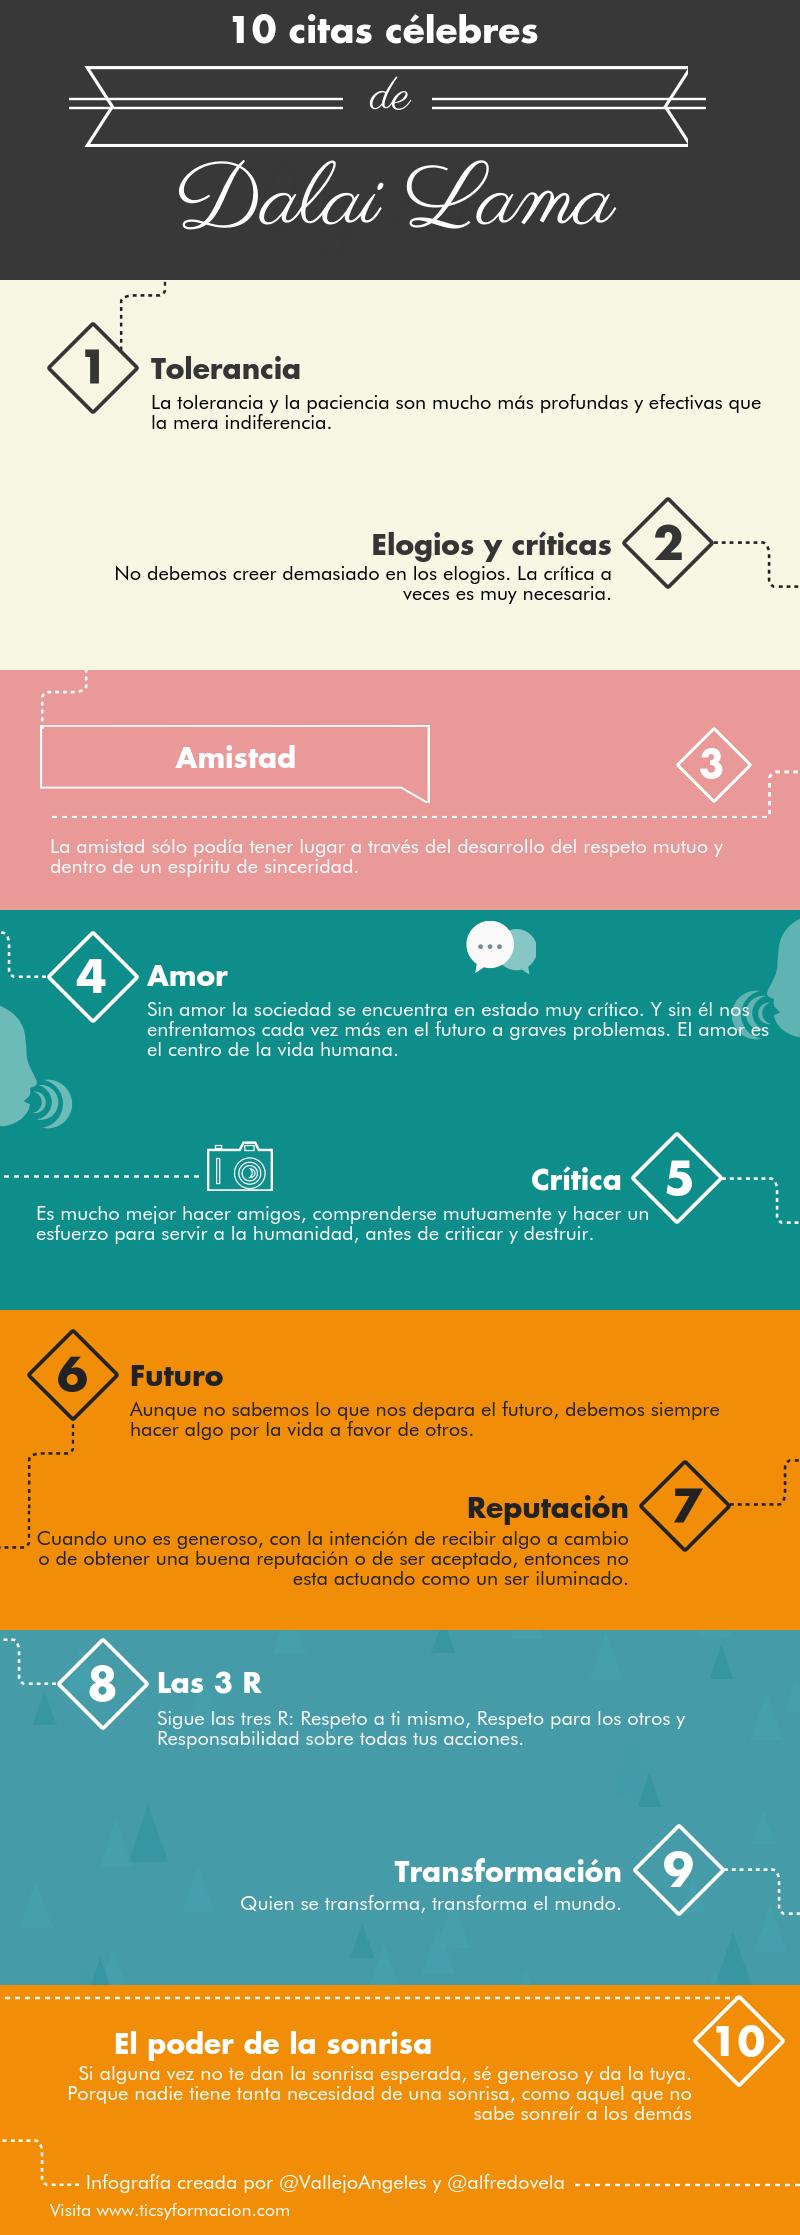 10 Citas Celebres Del Dalai Lama Infografia Infographic Citas